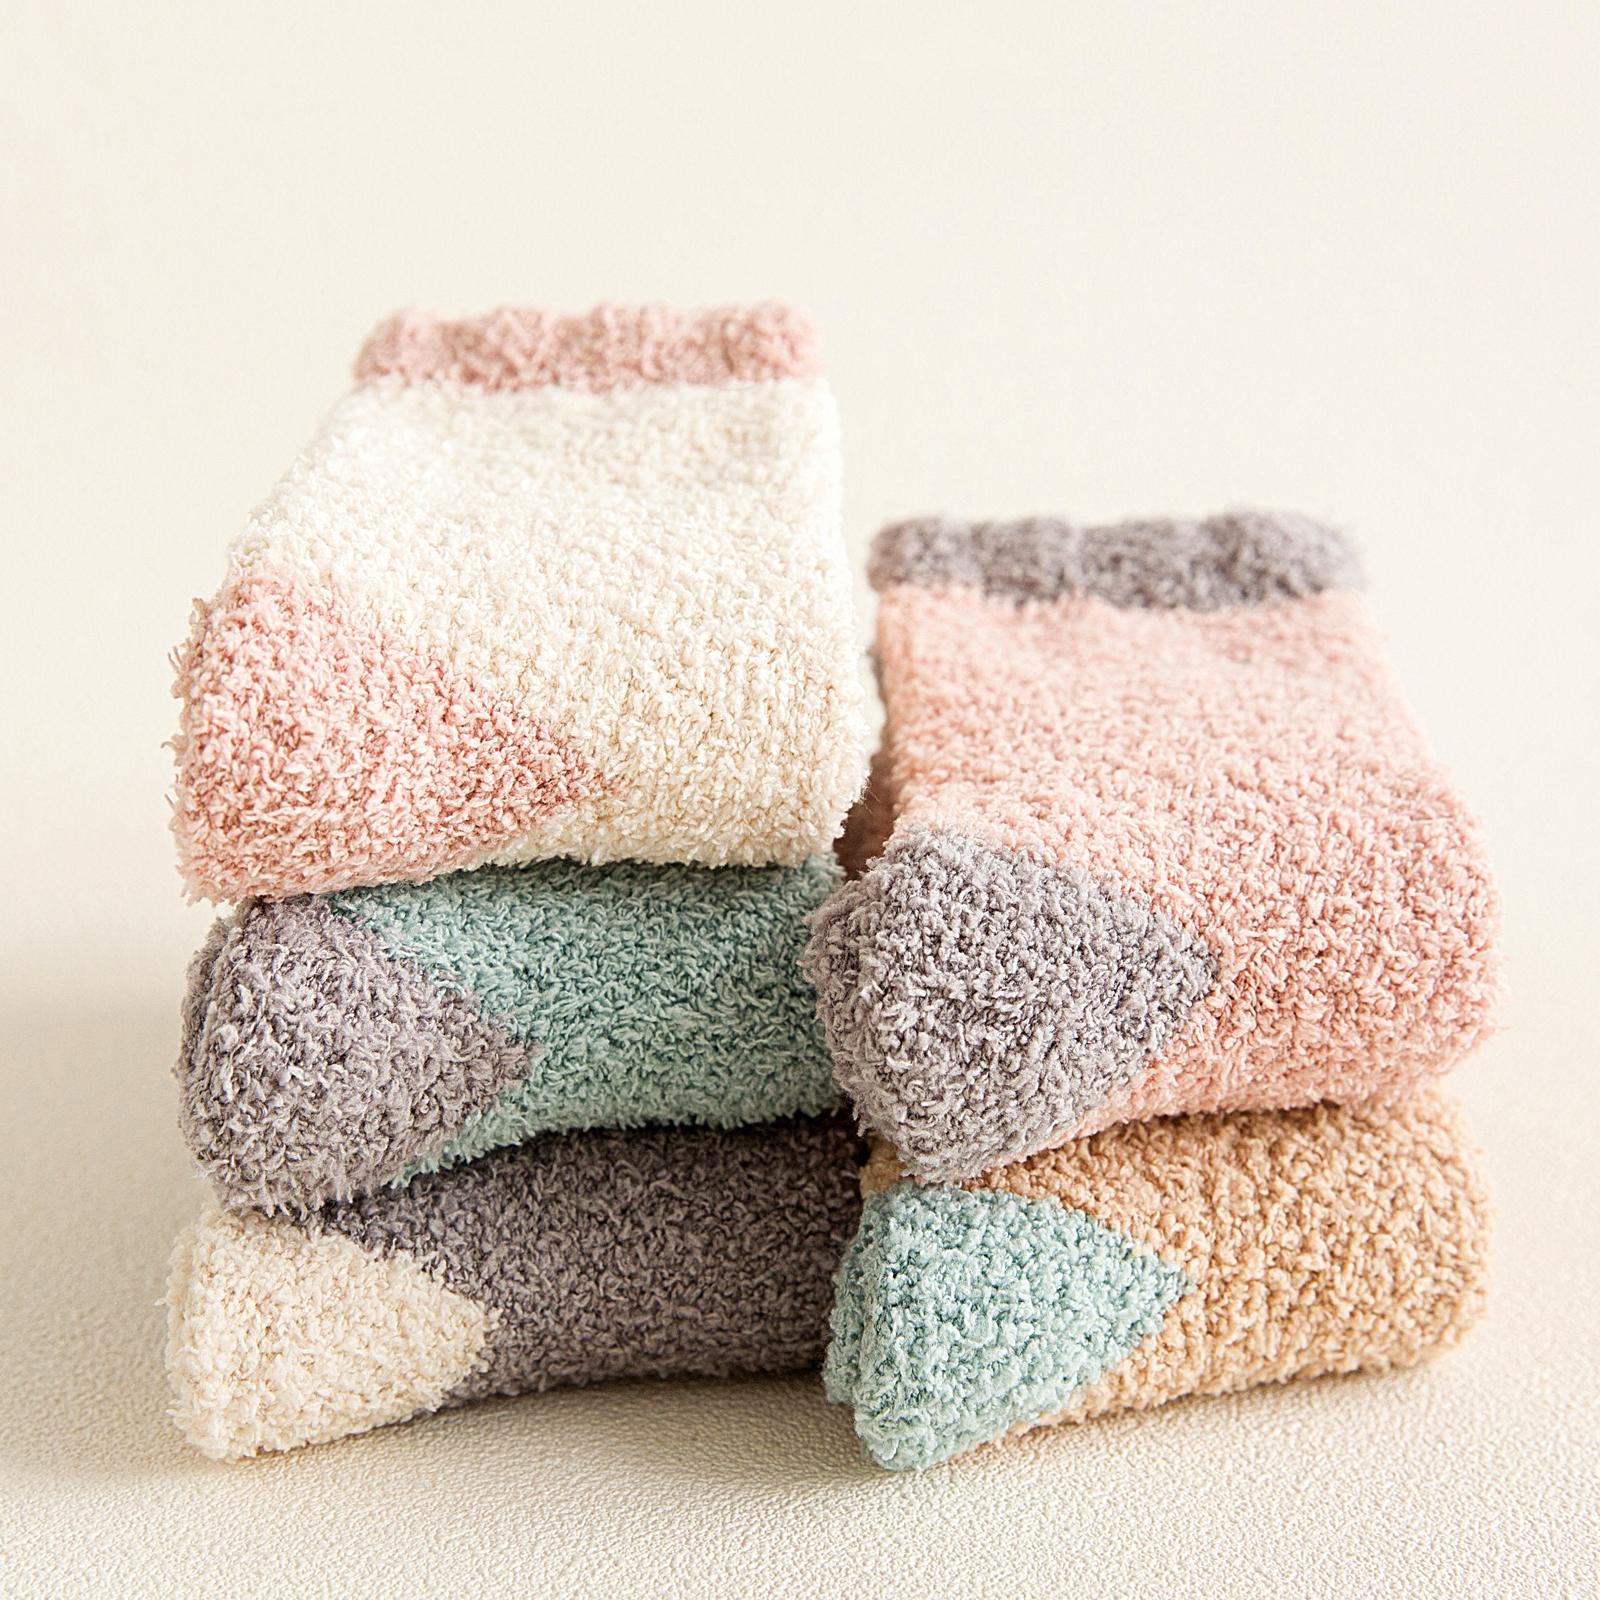 毛巾袜女珊瑚绒冬季保暖加厚冬天睡觉可爱袜子中筒袜睡眠袜月子袜